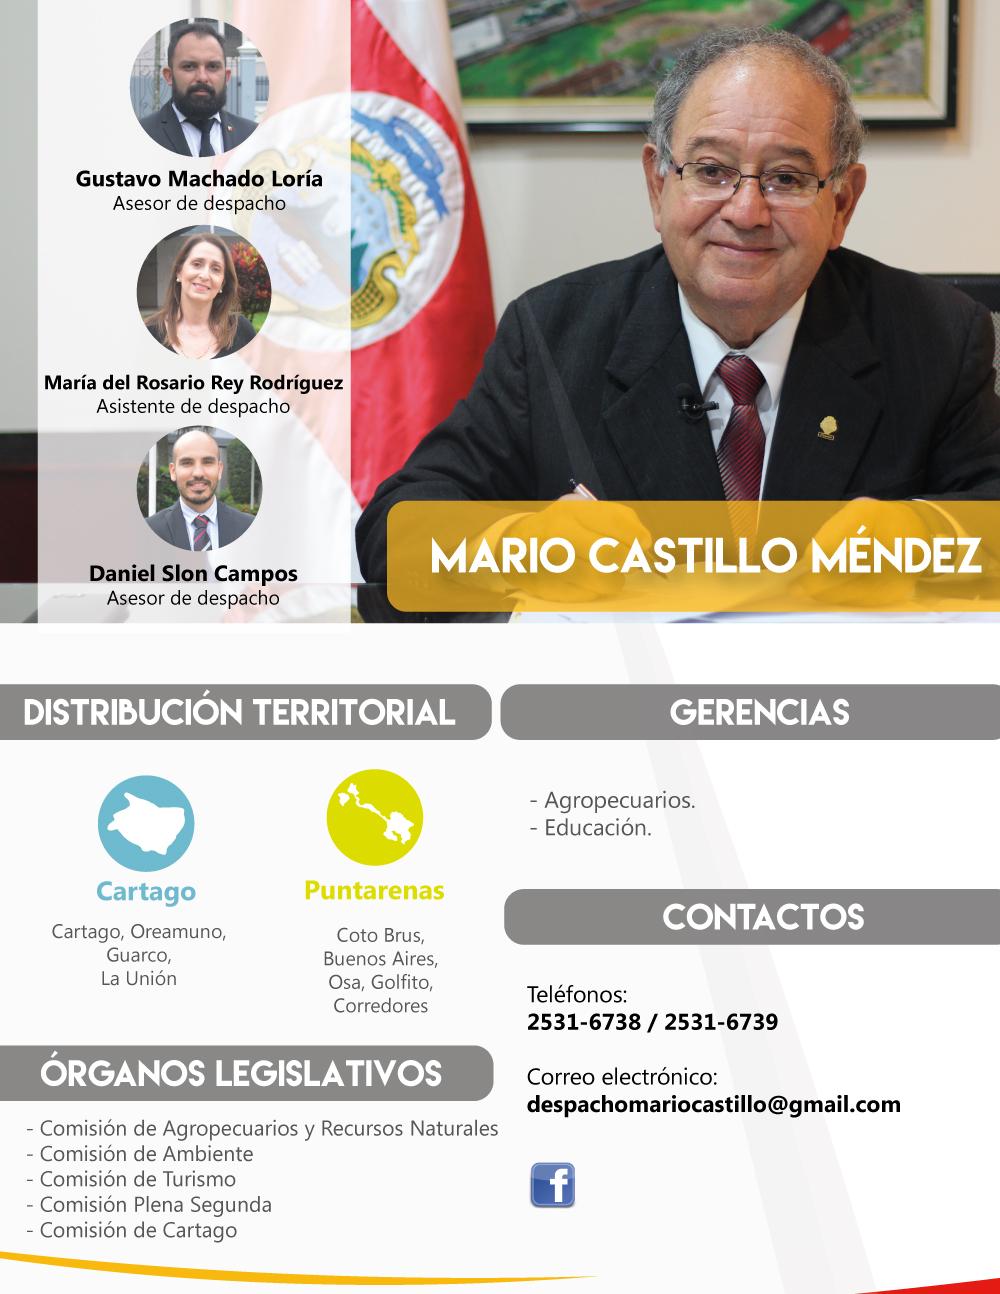 Despacho-Mario-Castillo